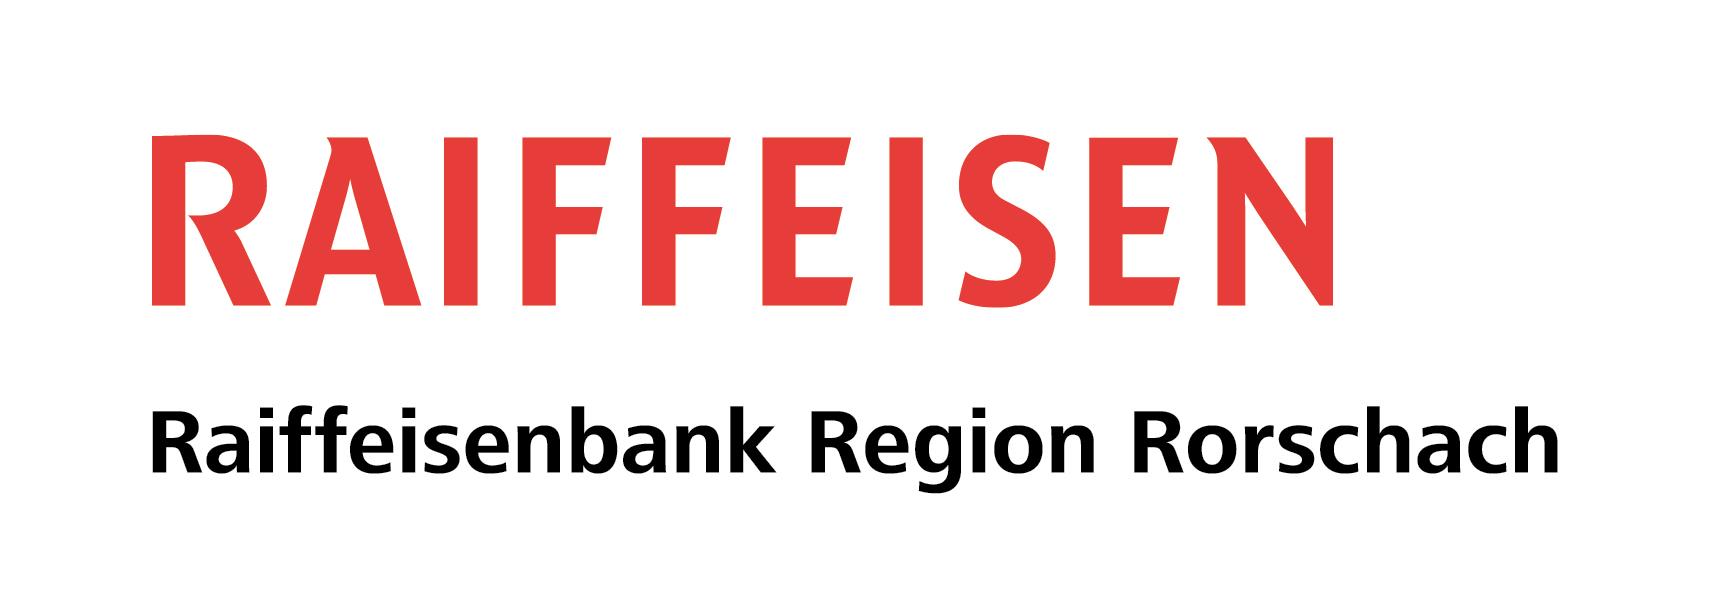 Raiffeisenbank Region Rorschach